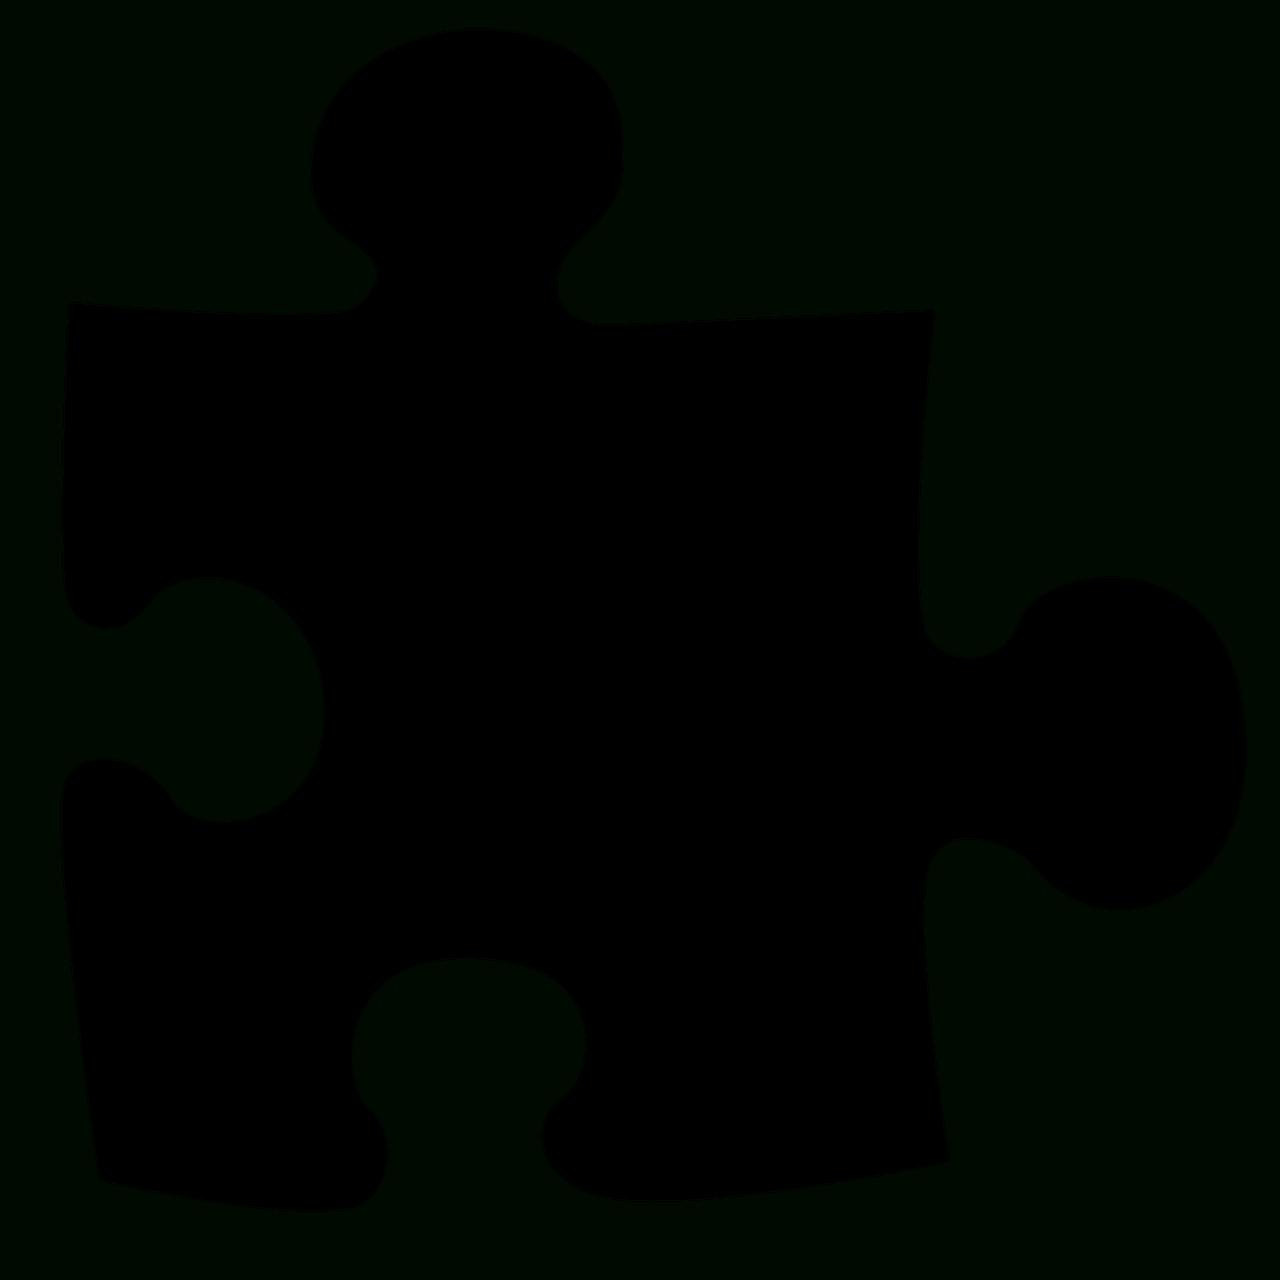 Puzzle Piece Jouer - Image Gratuite Sur Pixabay pour Jouer Puzzle Gratuit